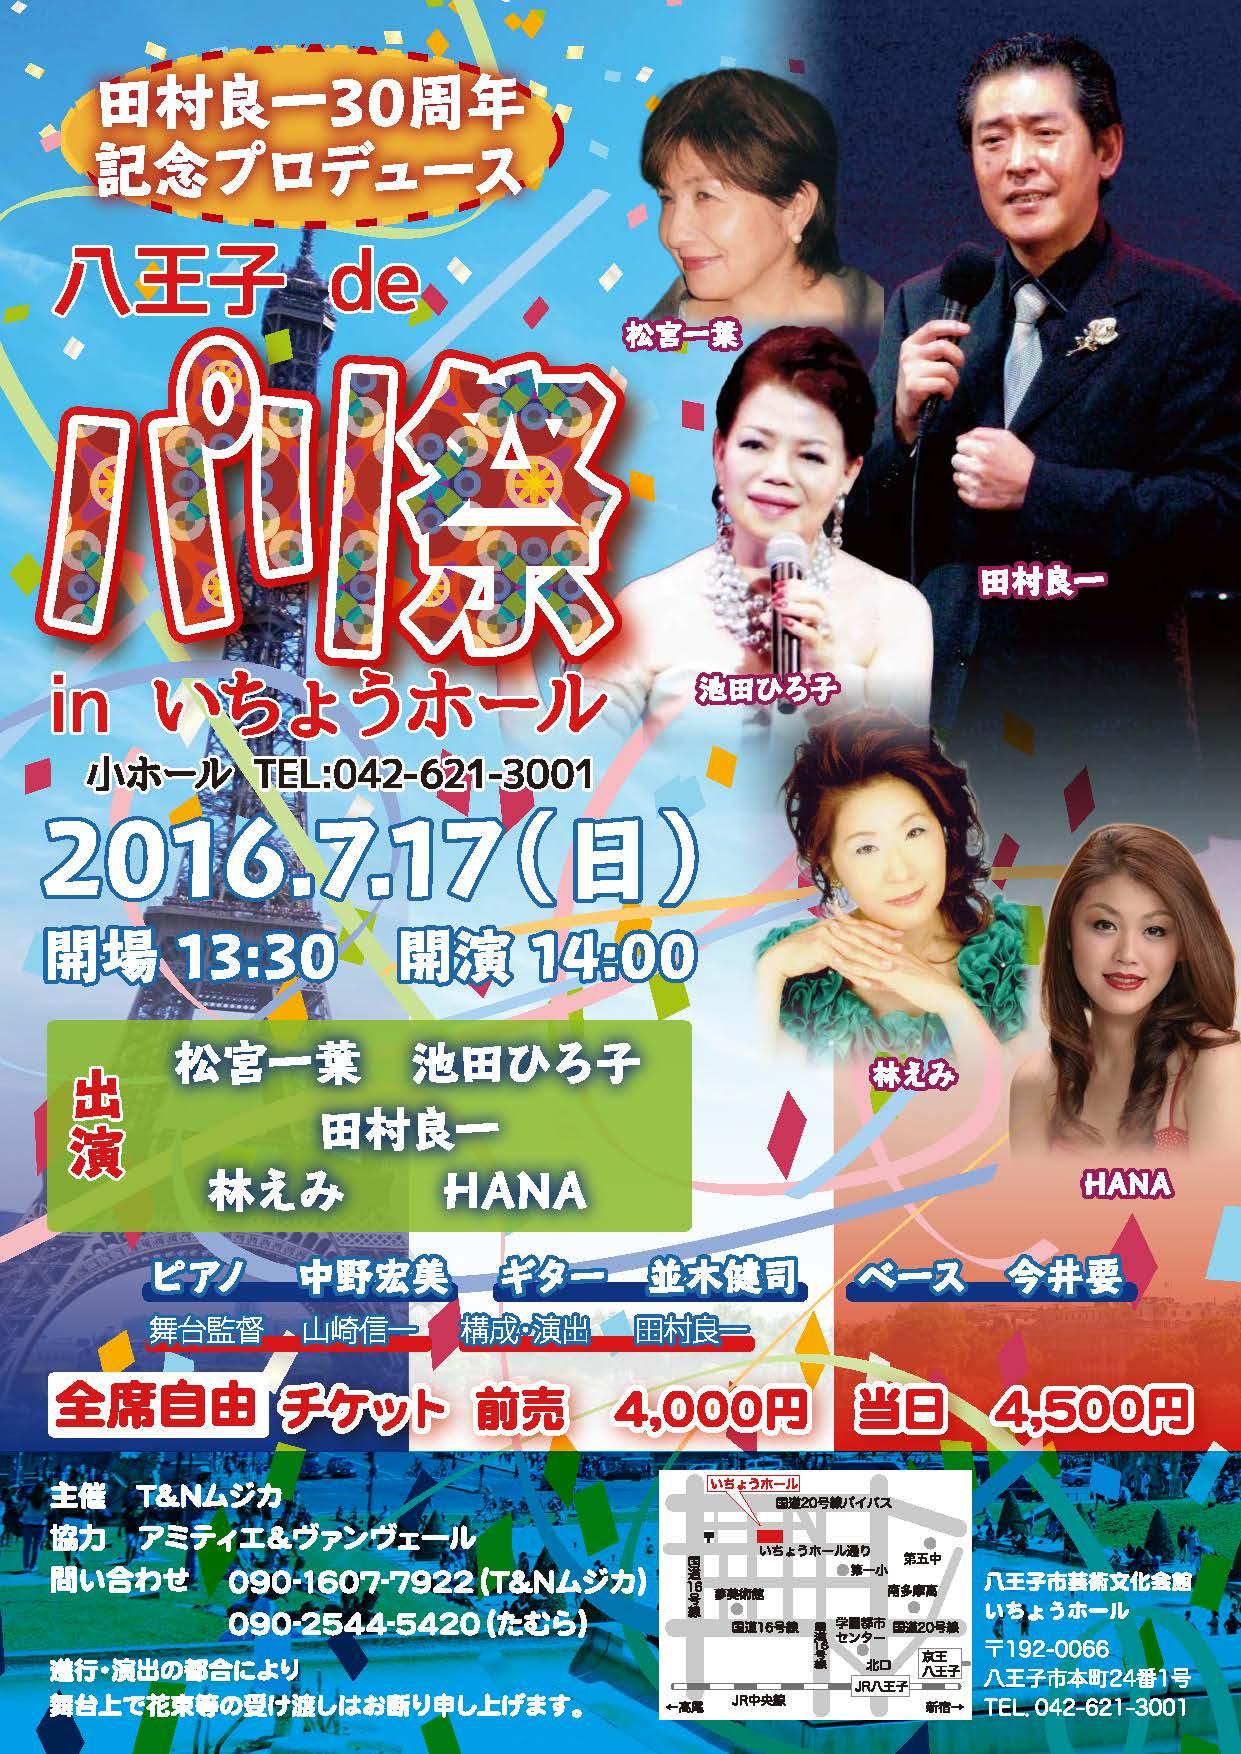 『田村良一30周年コンサート』チラシ(2016)